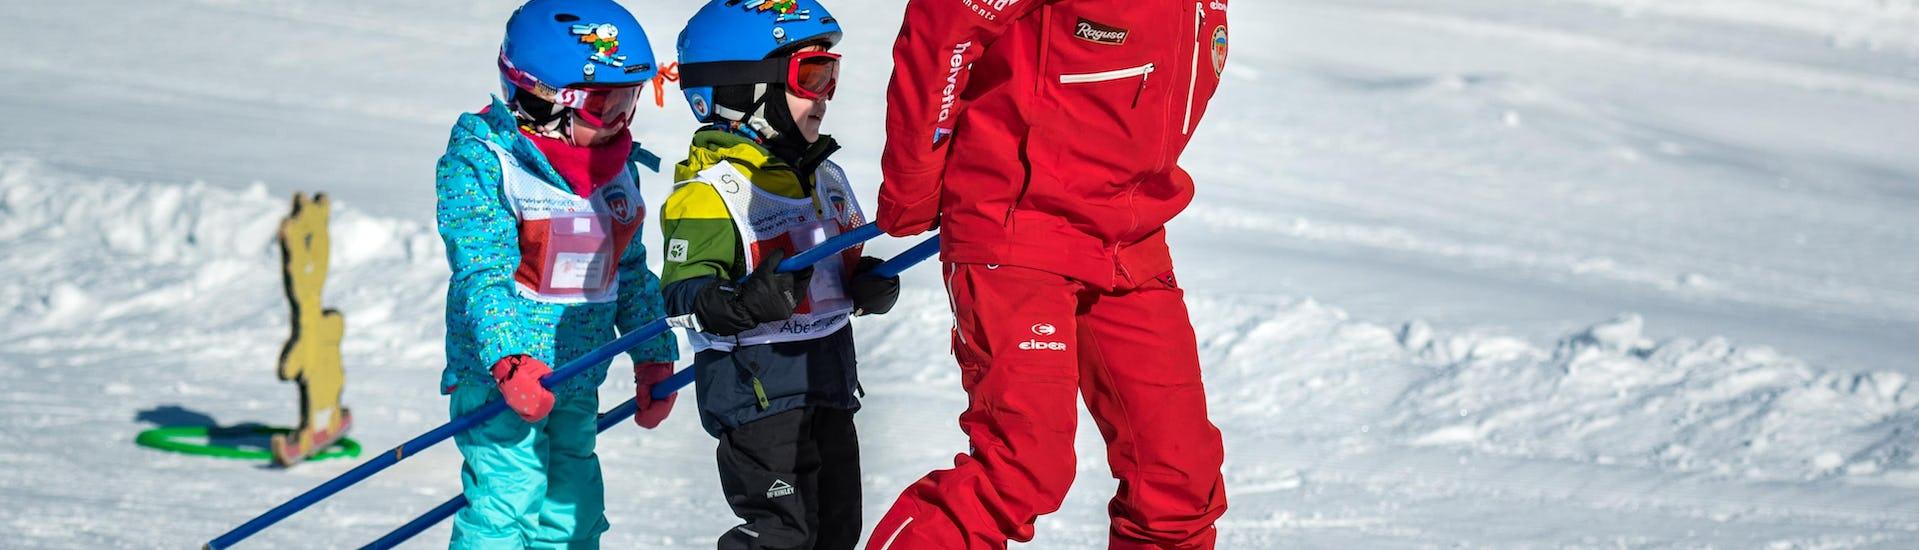 Privater Kinder Skikurs (3-15 J.) - Alle Levels